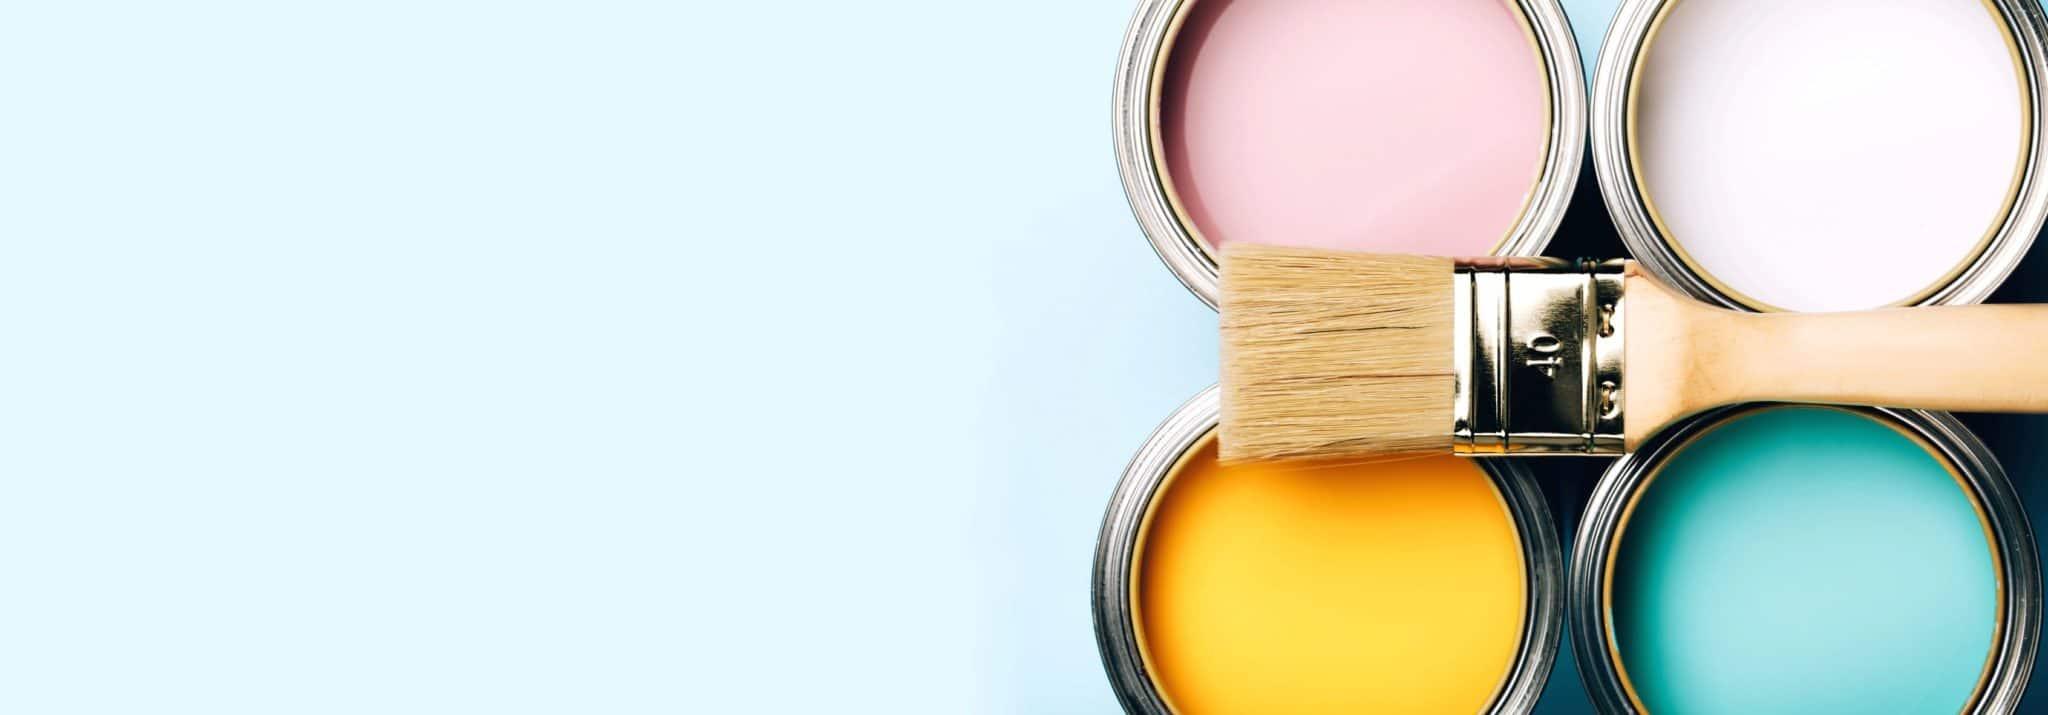 Comment enlever de la peinture acrylique sur de la laine